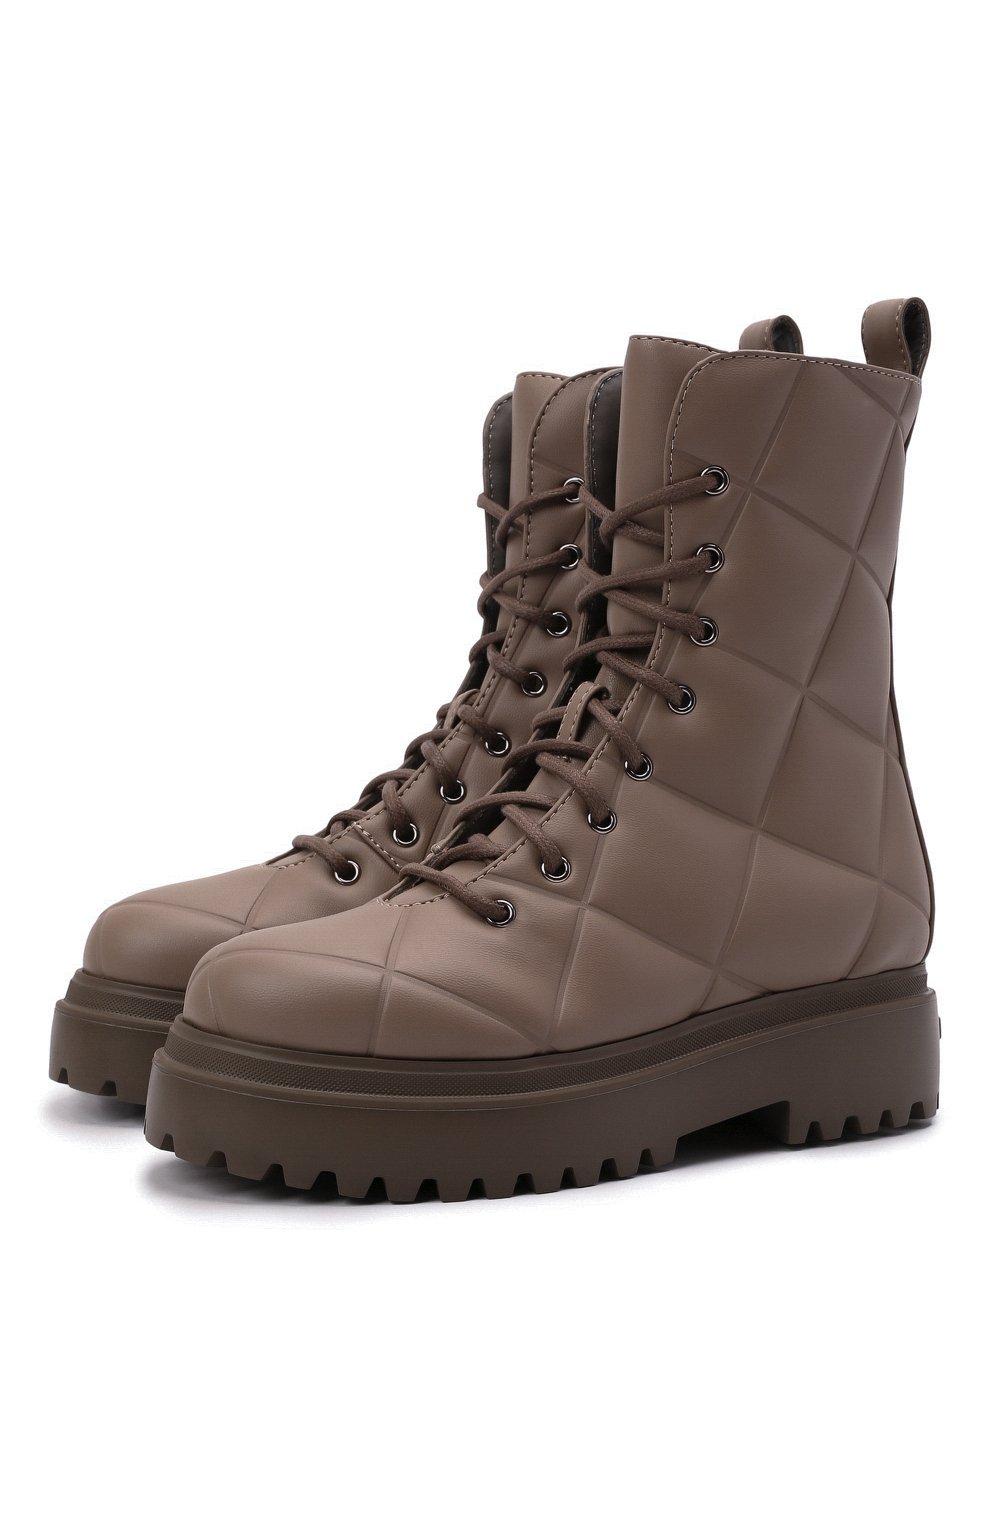 Женские комбинированные ботинки ranger LE SILLA серого цвета, арт. 6410T020M1PPFAK   Фото 1 (Материал внешний: Экокожа, Текстиль; Подошва: Платформа, Плоская; Каблук высота: Низкий; Женское Кросс-КТ: Военные ботинки; Материал внутренний: Натуральная кожа)